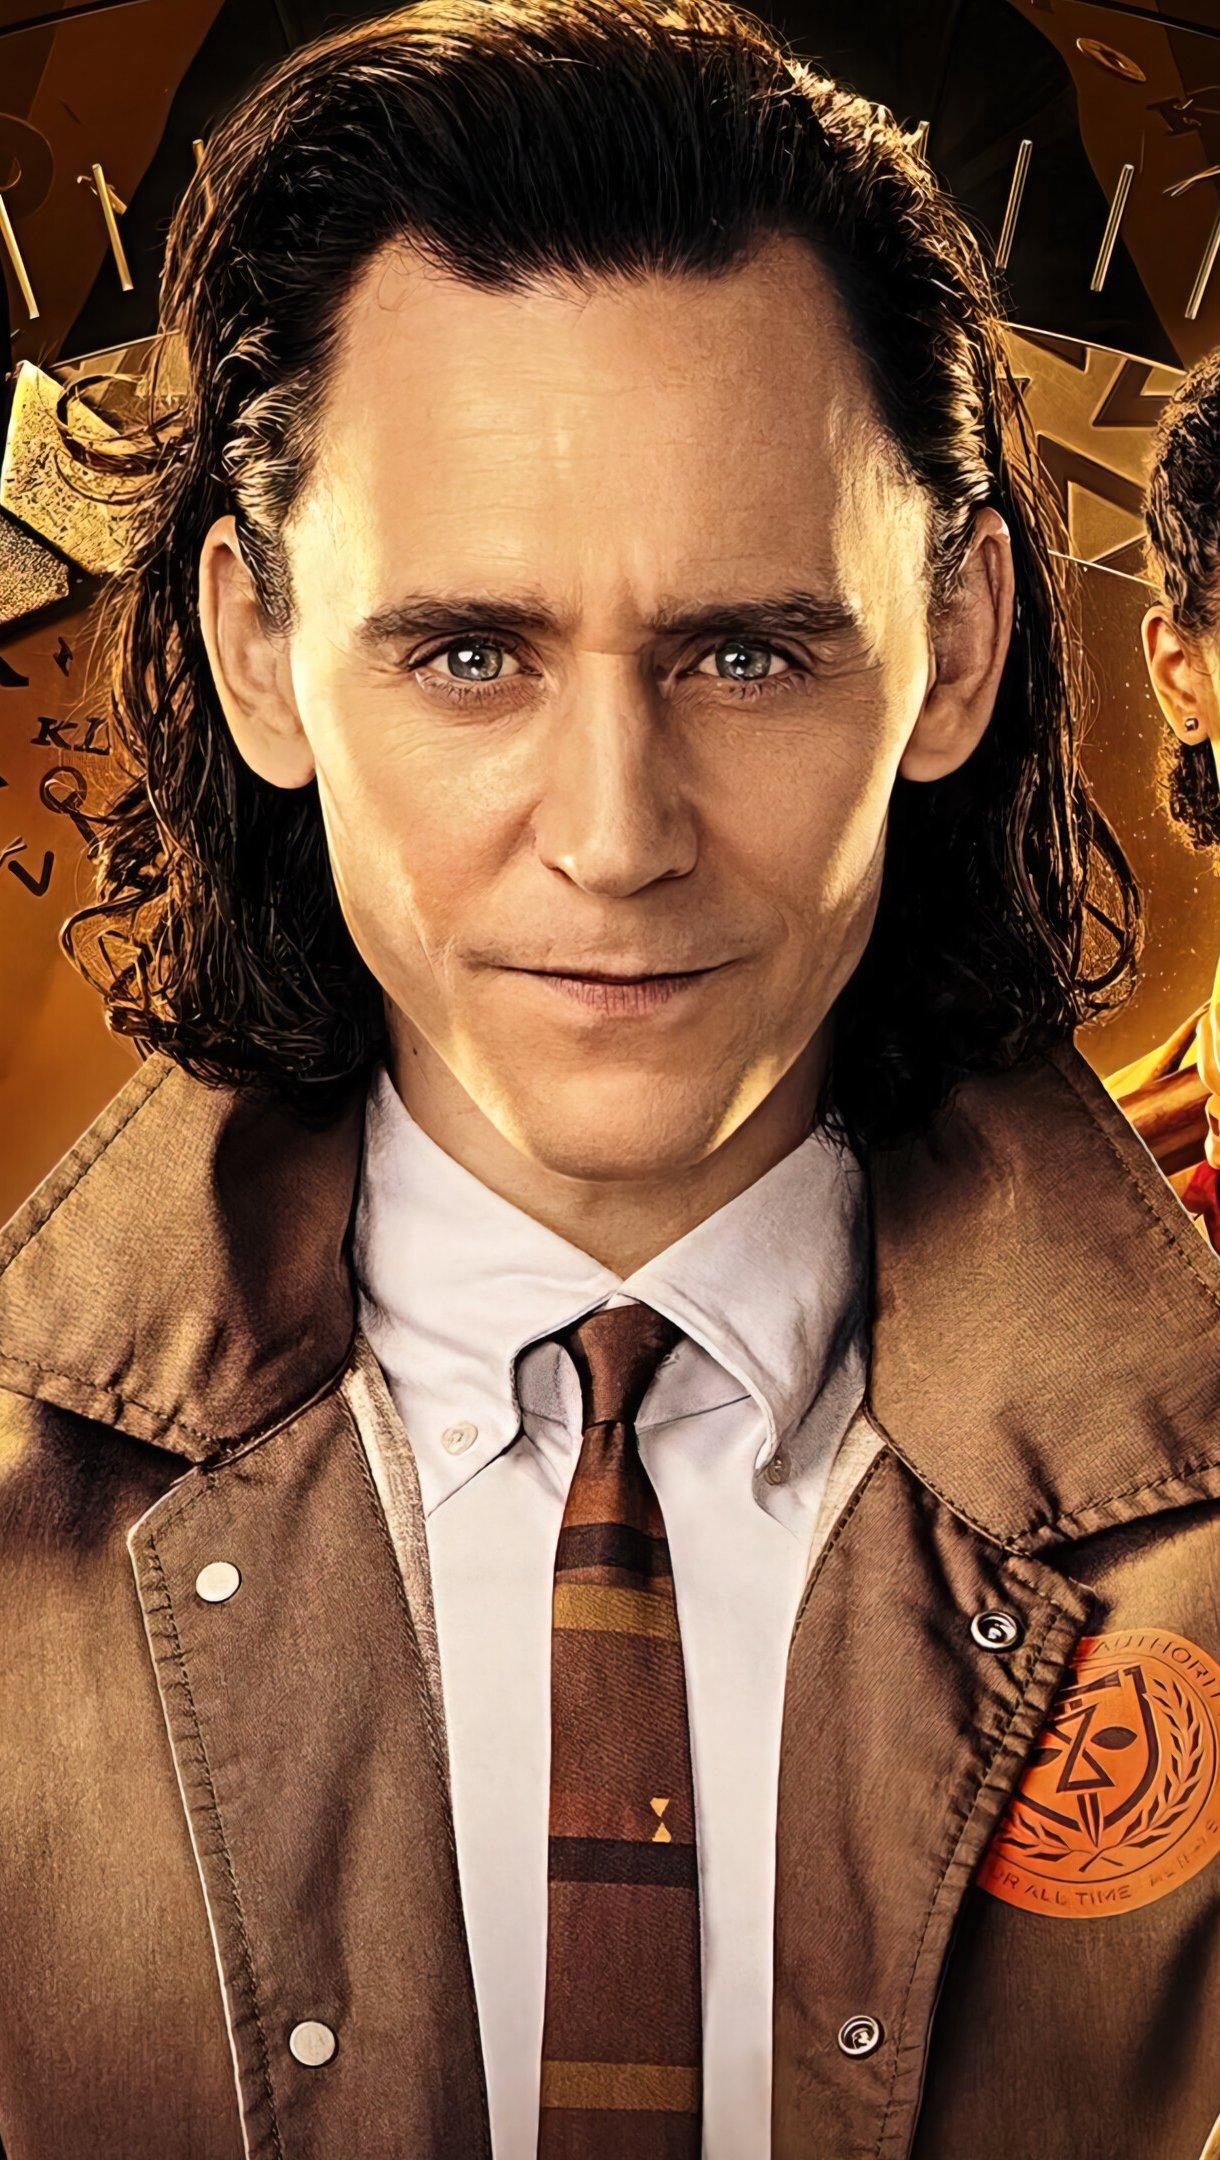 Wallpaper Loki series characters Vertical